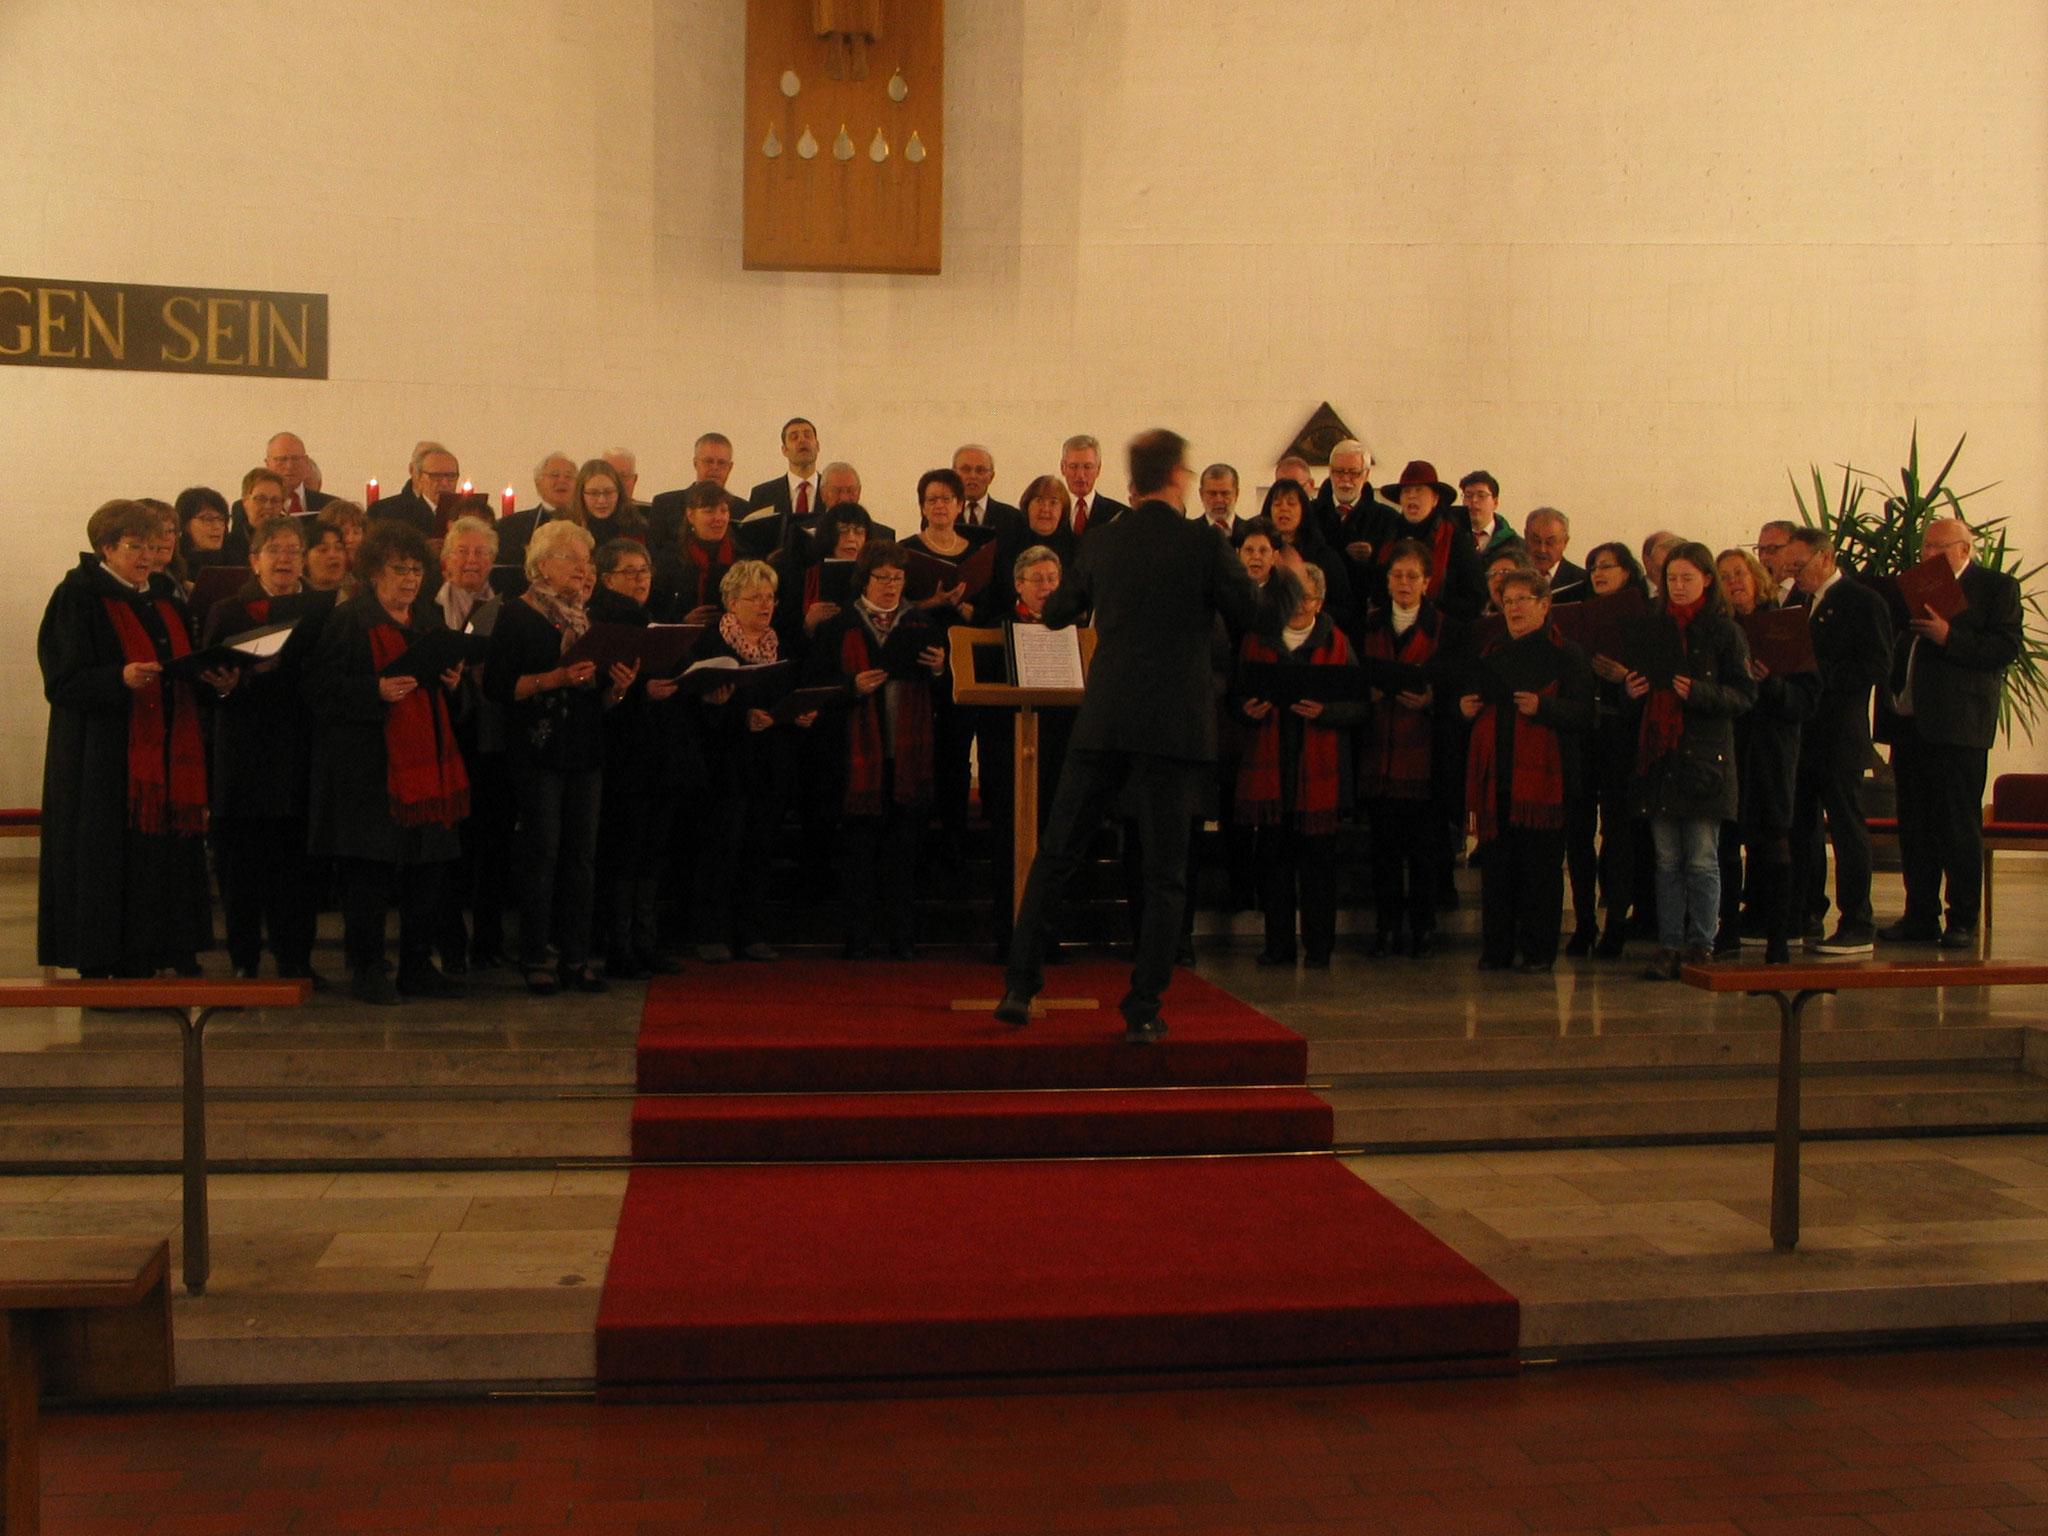 """Das Lied """"Zusammenwachsen"""" sangen am Ende des Adventskonzertes die Kirchenchöre aus Nordendorf und Westendorf sowie der Männergesangverein Nordendorf"""